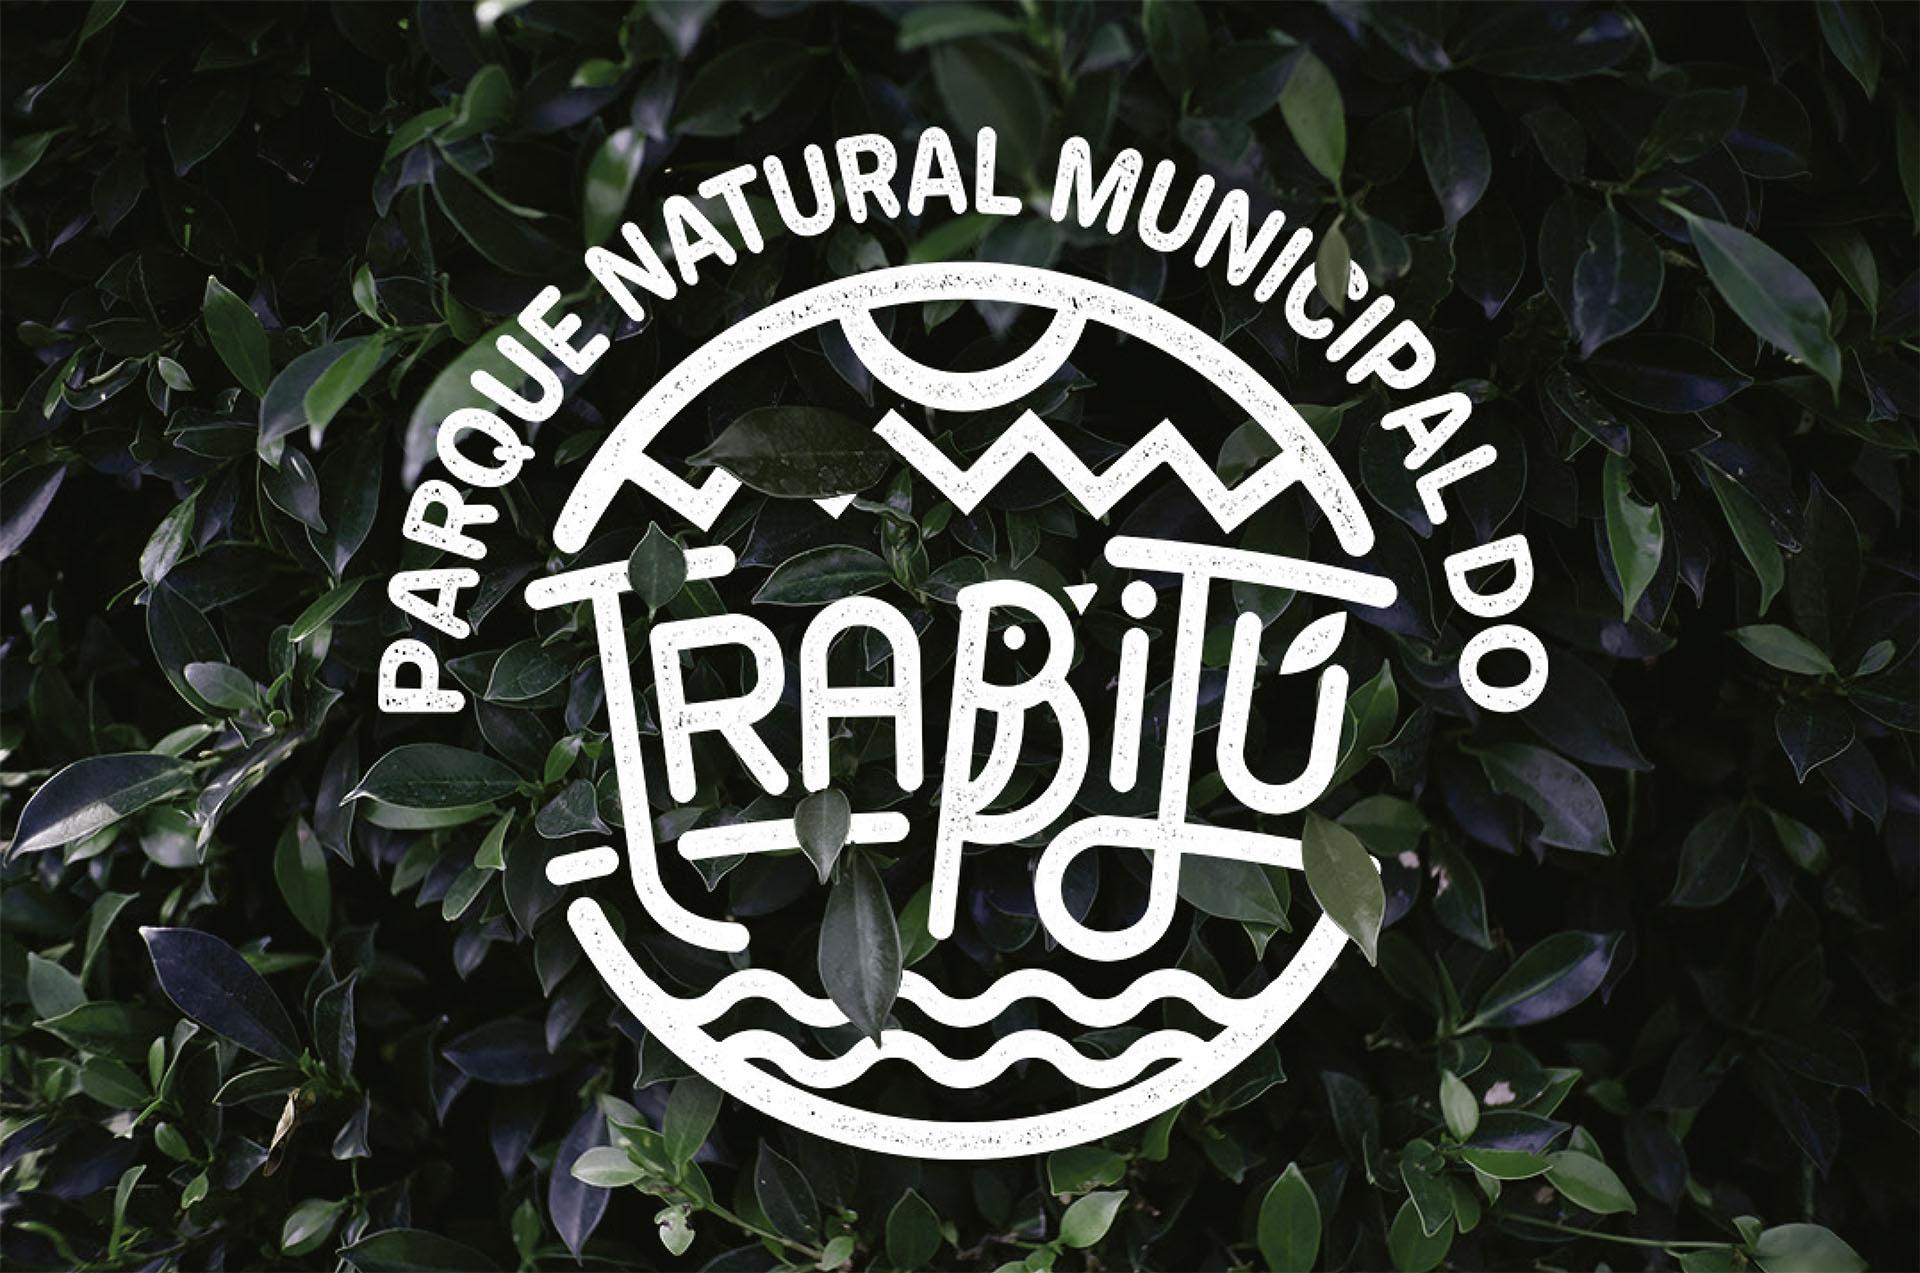 Aplicação do Logotipo Negativo do Parque Natural Municipal do Trabijú